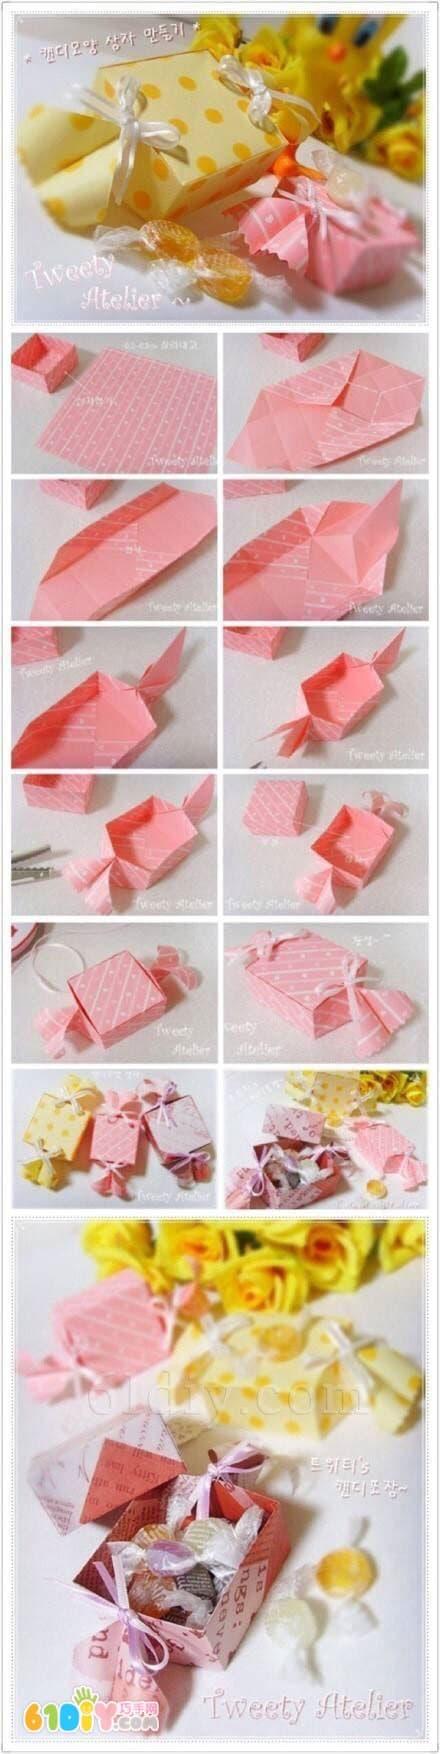 母亲节礼物 糖果形礼物盒折纸图片